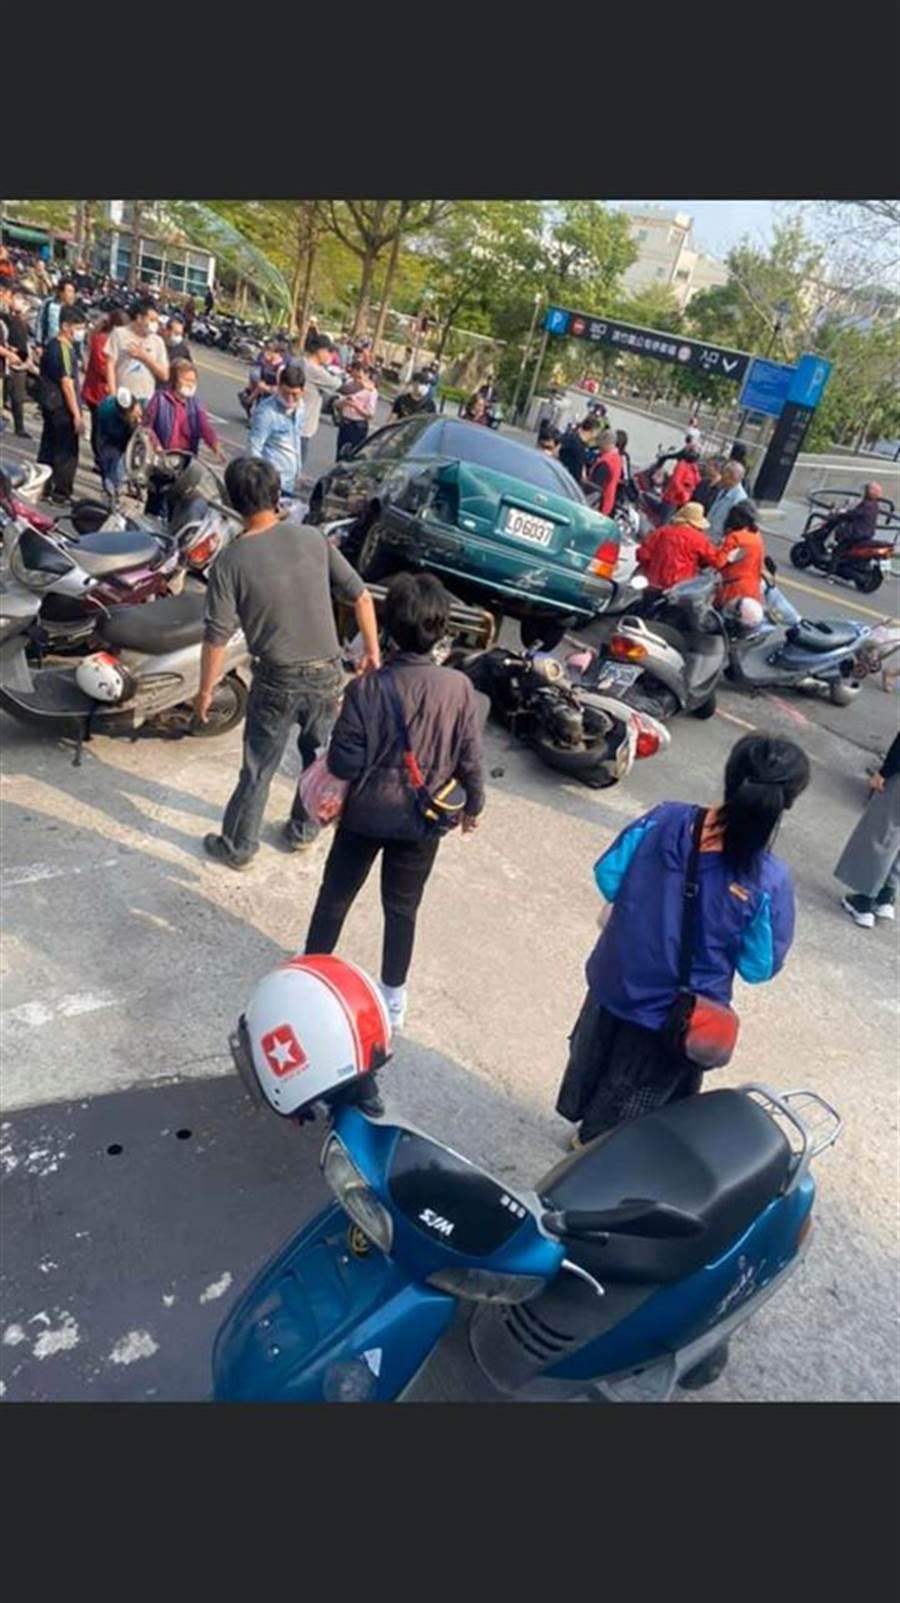 1名84歲老翁在新竹竹蓮市場倒車時,呈現「Z」字形暴衝,壓死女騎士繼續撞30餘輛機車。(翻攝新竹人新竹事臉書社團)